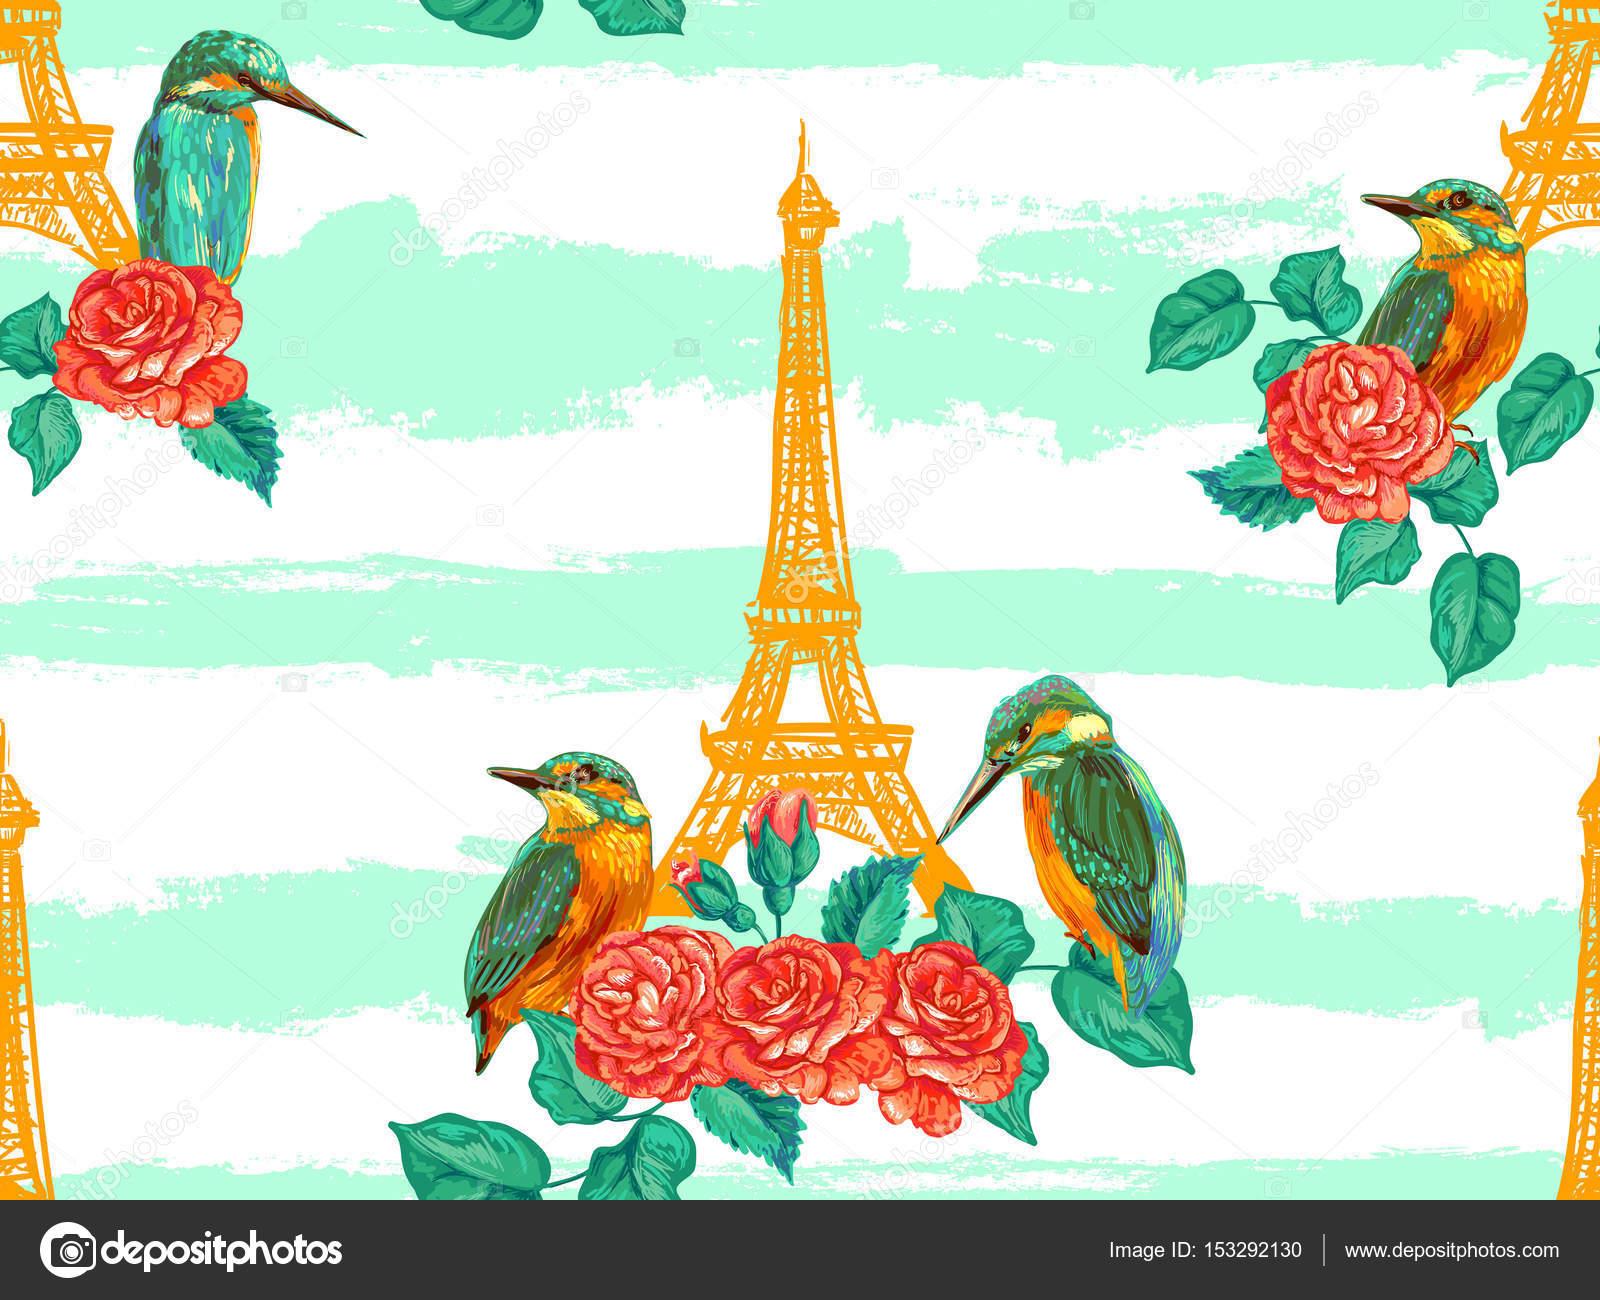 Wzór Paryż Z Wieży Eiffla Ptaki I Róże Kwiaty Tło Wektor Francuski